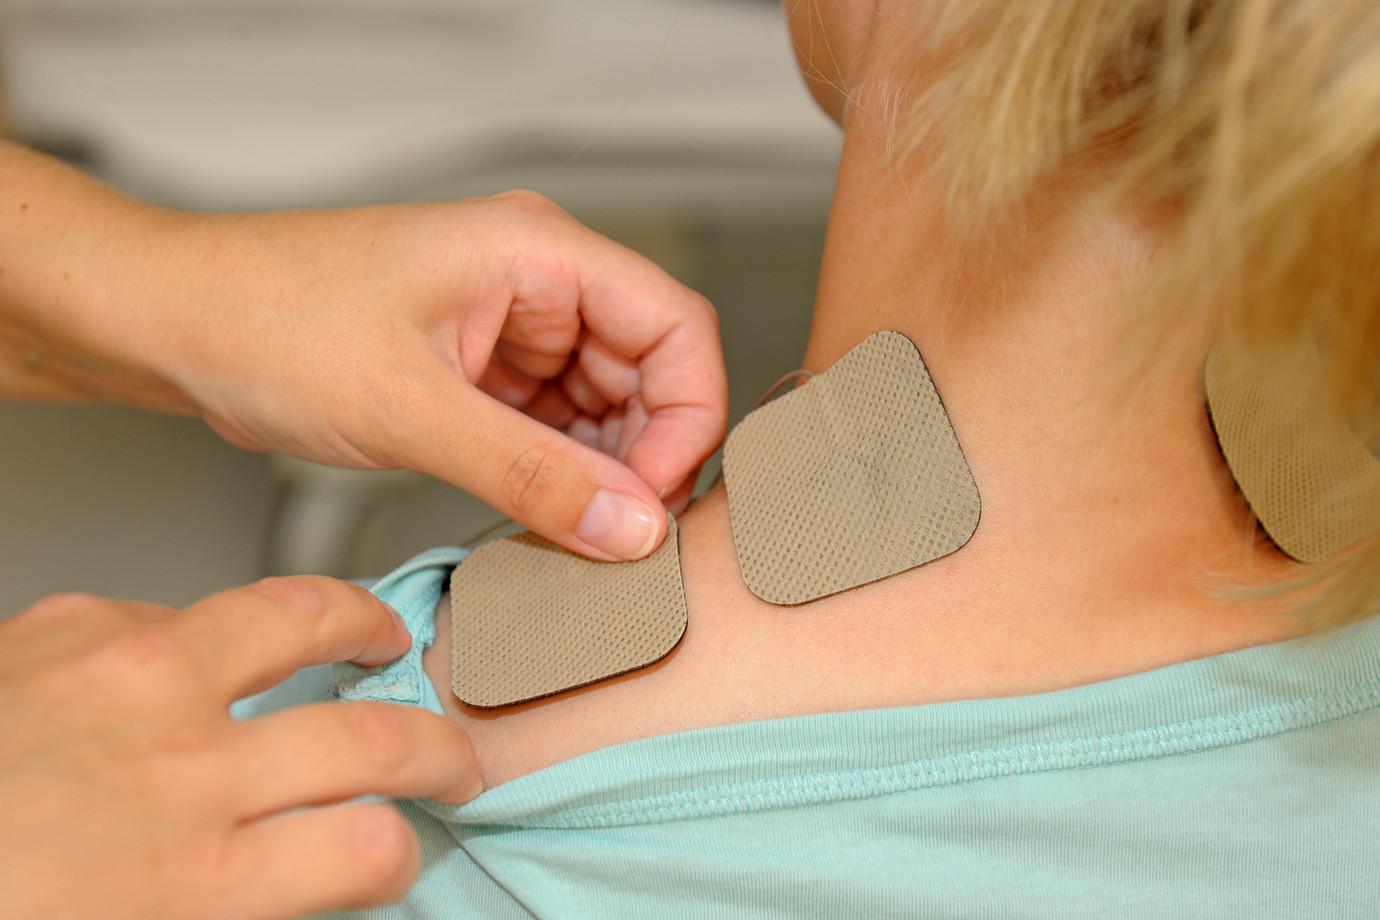 Schmerztherapie mit TENS-Gerät im Zentrum für Schmerztherapie